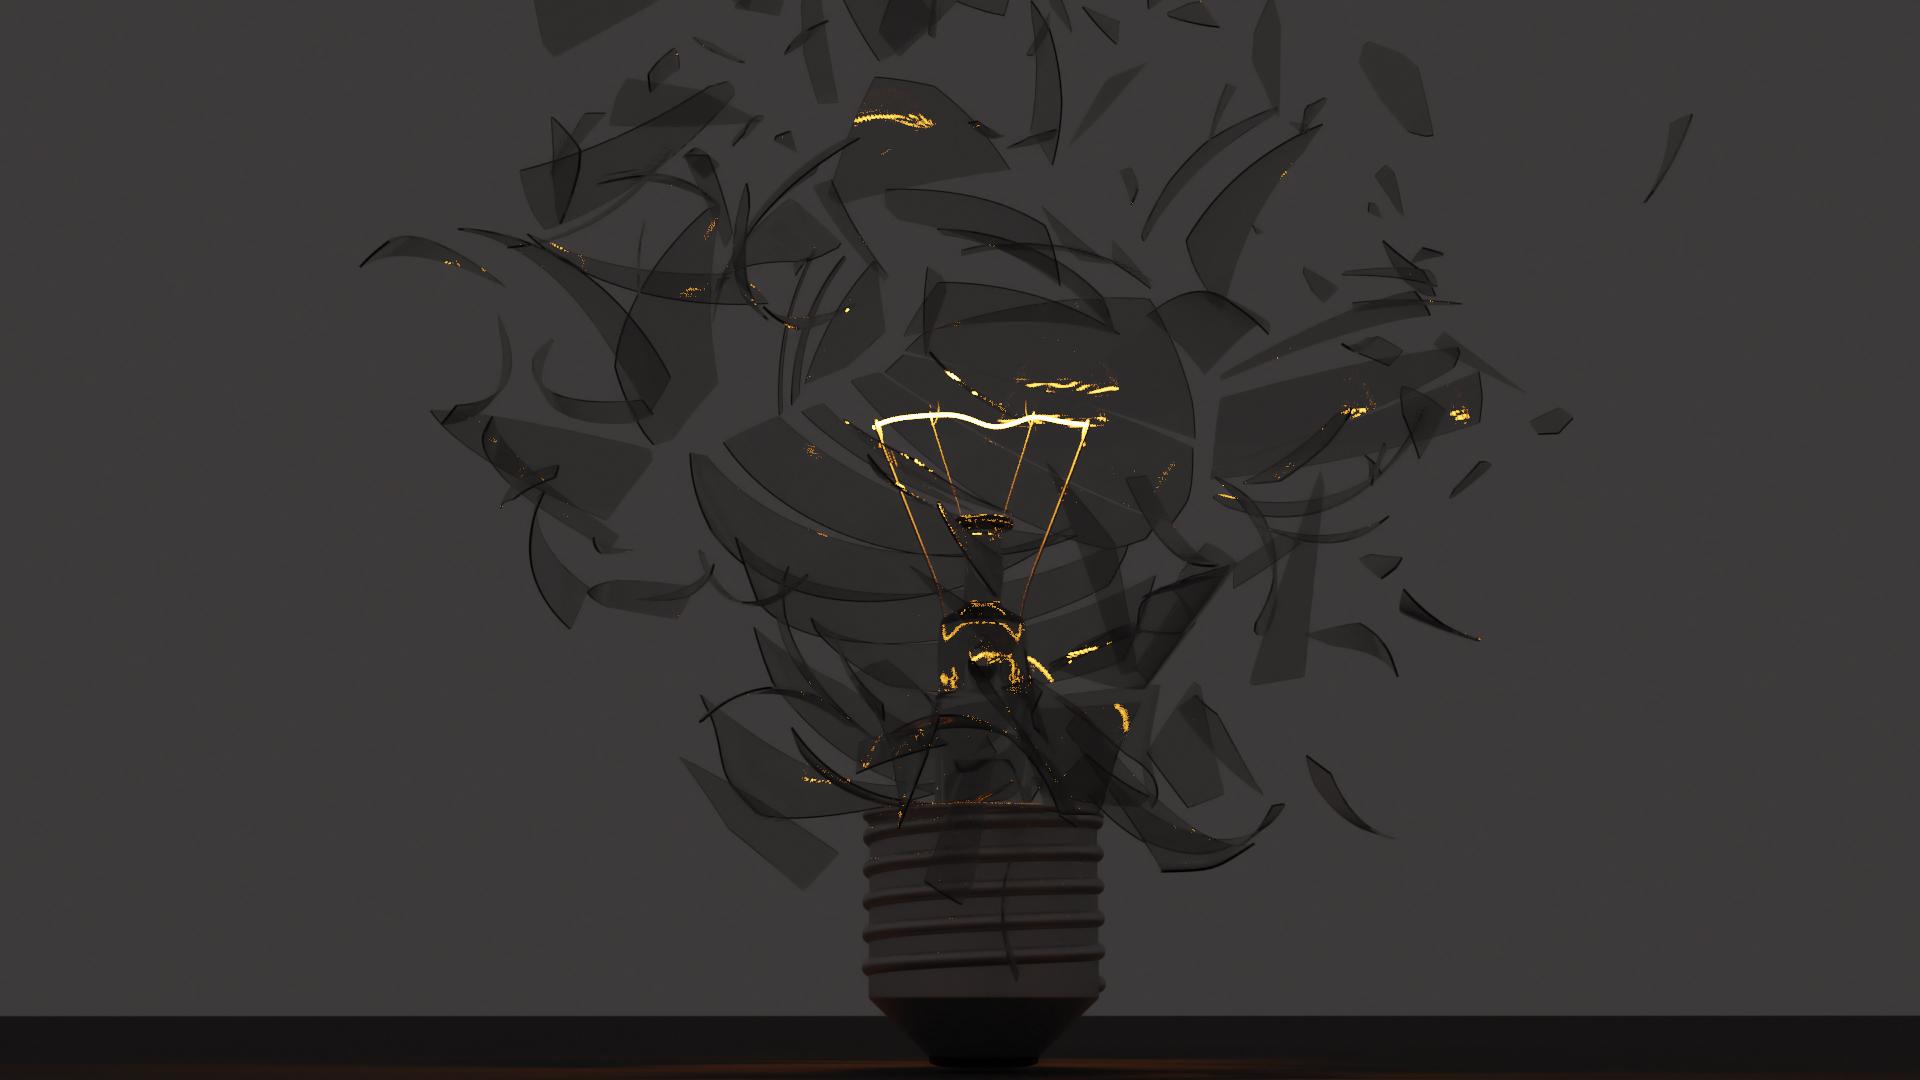 Lightbulb Cracked